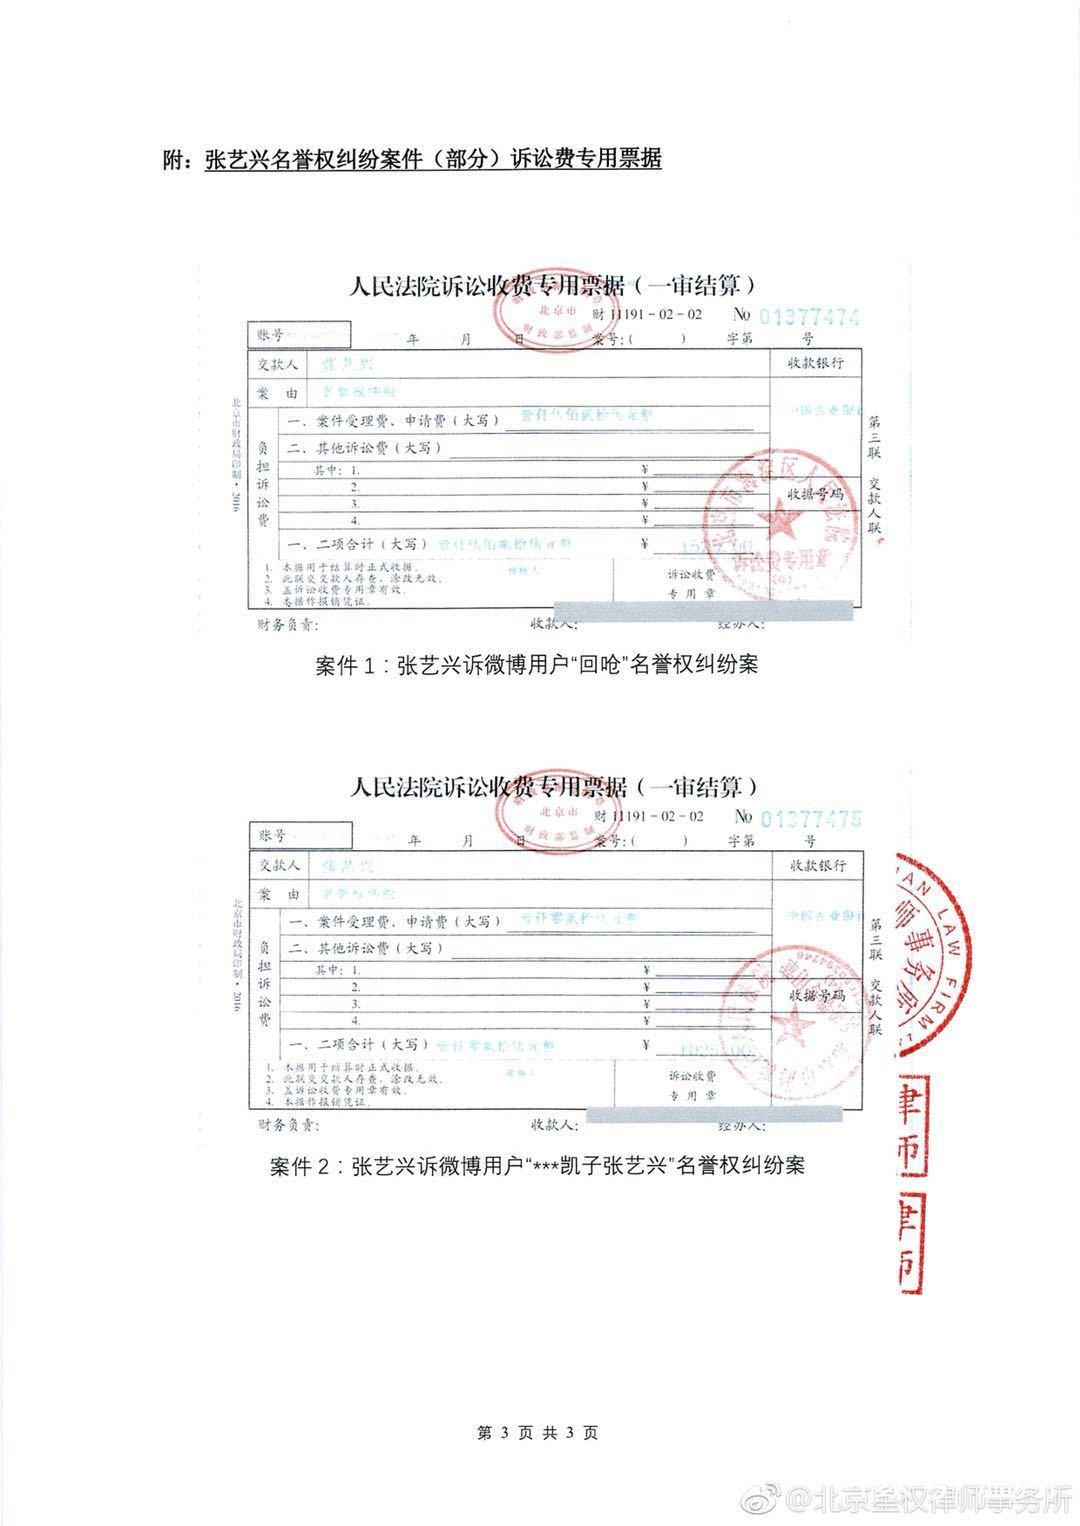 张艺兴工作室发声明,用法律武器捍卫尊严,老虎不发威以为是病猫